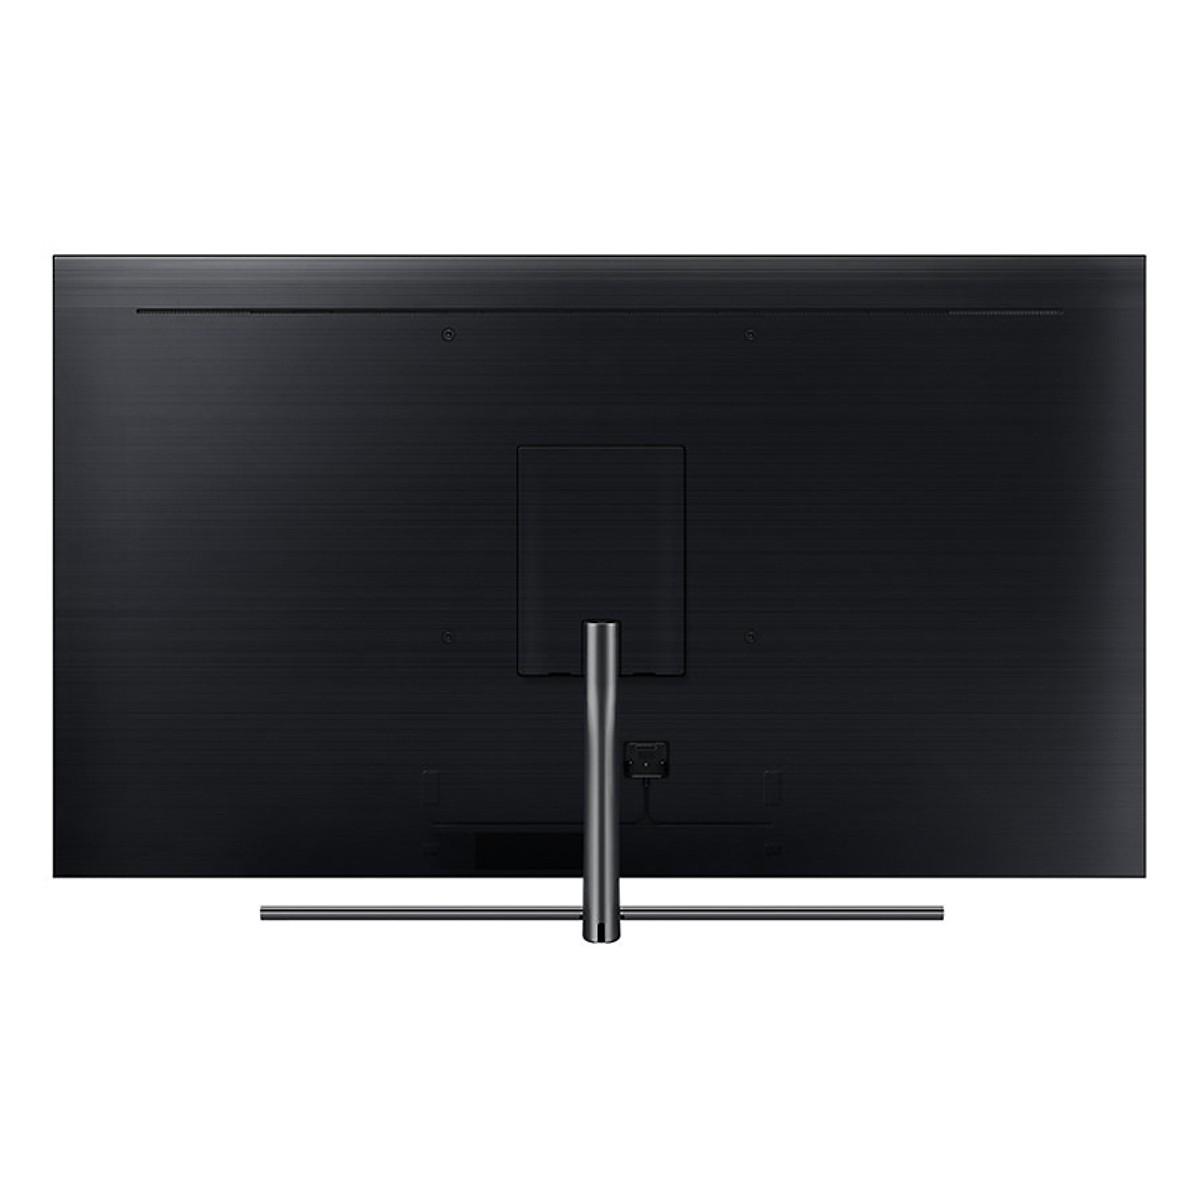 Smart Tivi QLED Samsung 65 Inch 4K UHD QA65Q9FNAKXXV - Hàng Chính Hãng + Tặng Khung Treo Cố Định